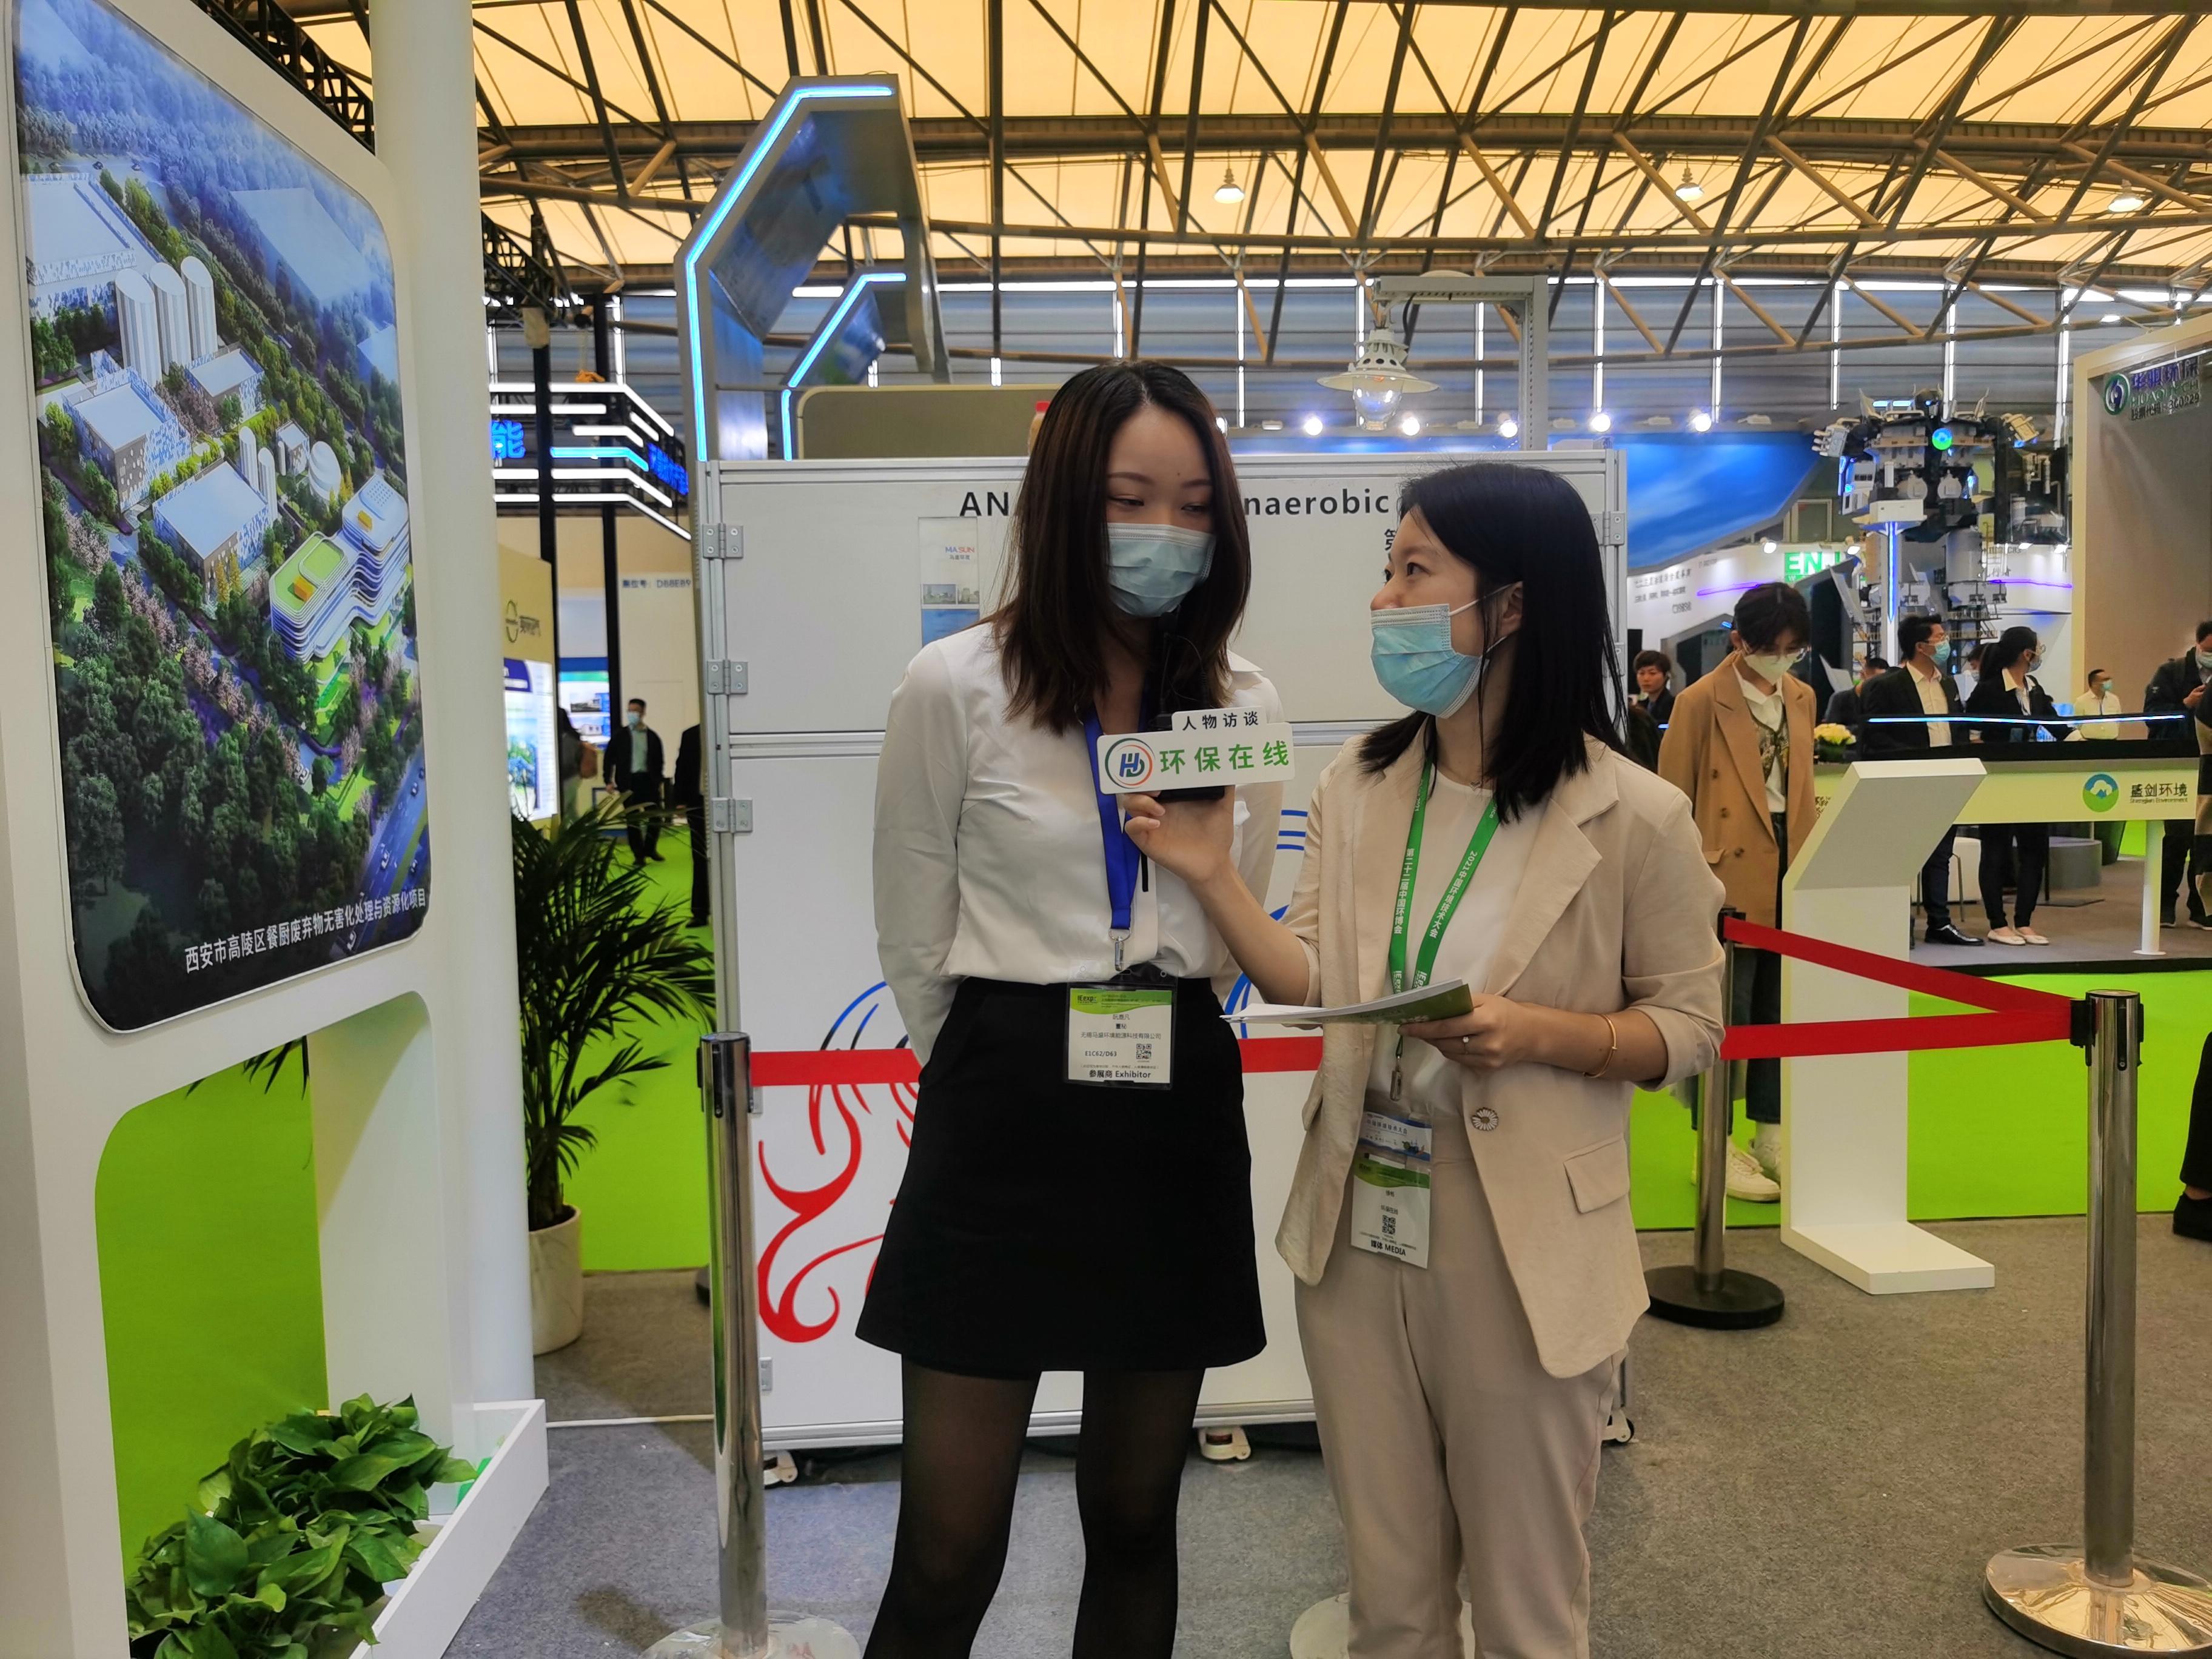 馬盛環境:以技術為核心 搭建廢棄物厭氧處理技術裝備平臺